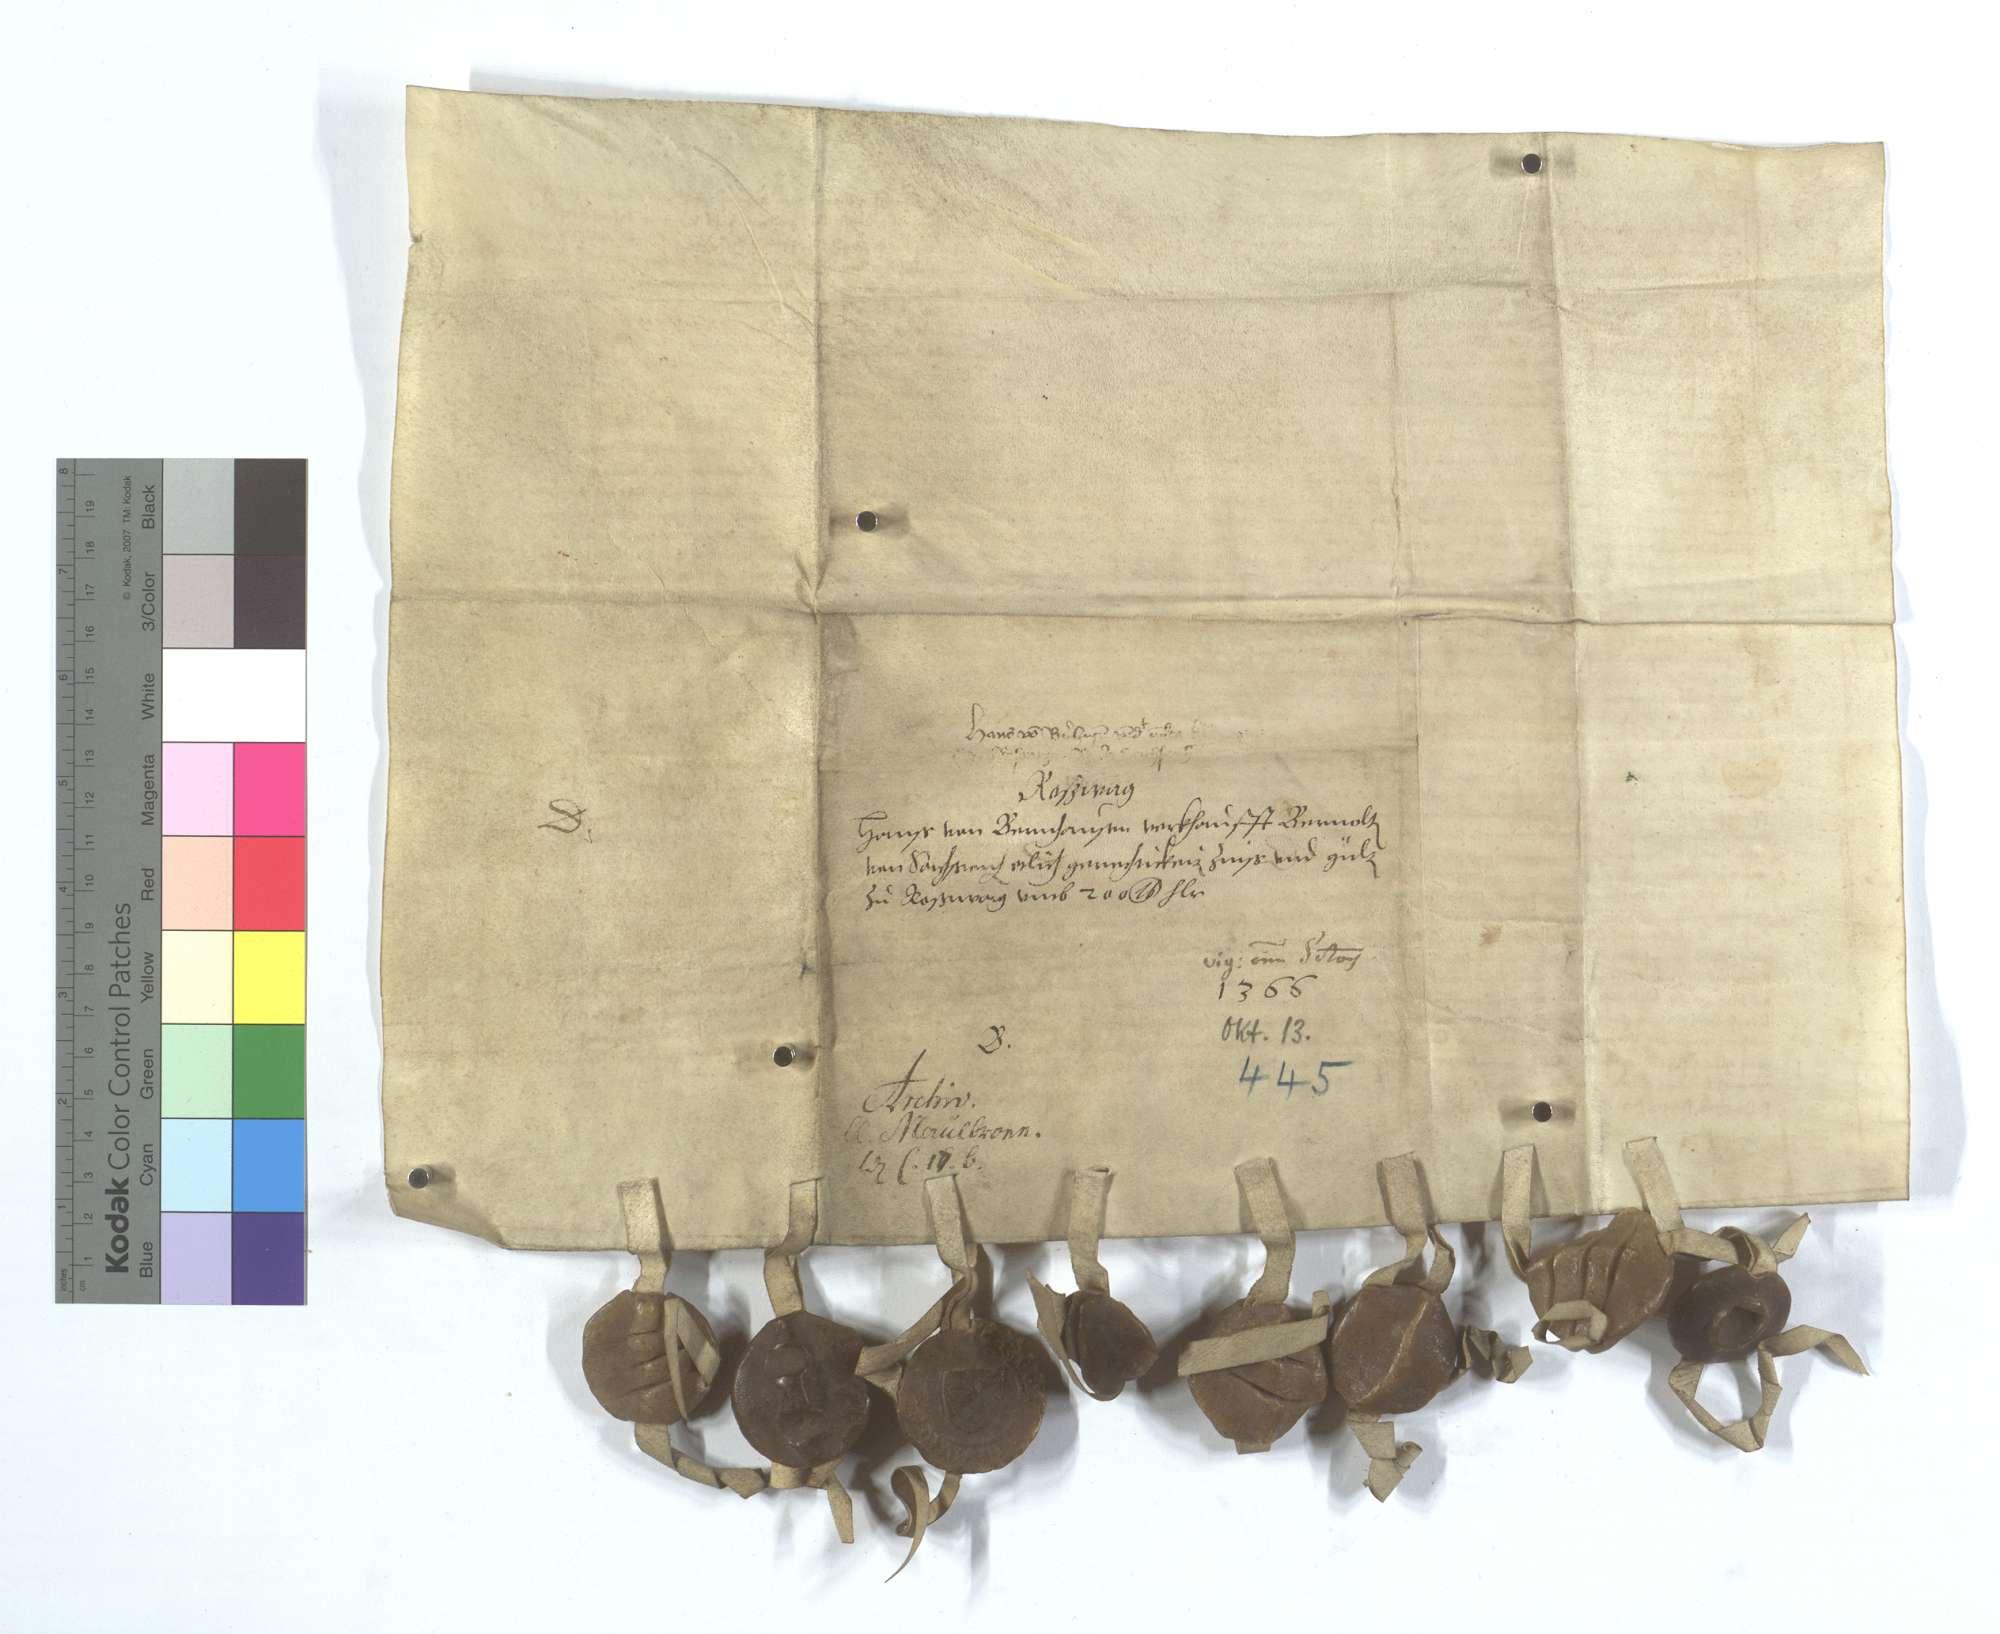 Hans von Bernhausen verkauft Bernold von Sachsenheim etliche Gerechtsame, Zins und Gülten., Rückseite